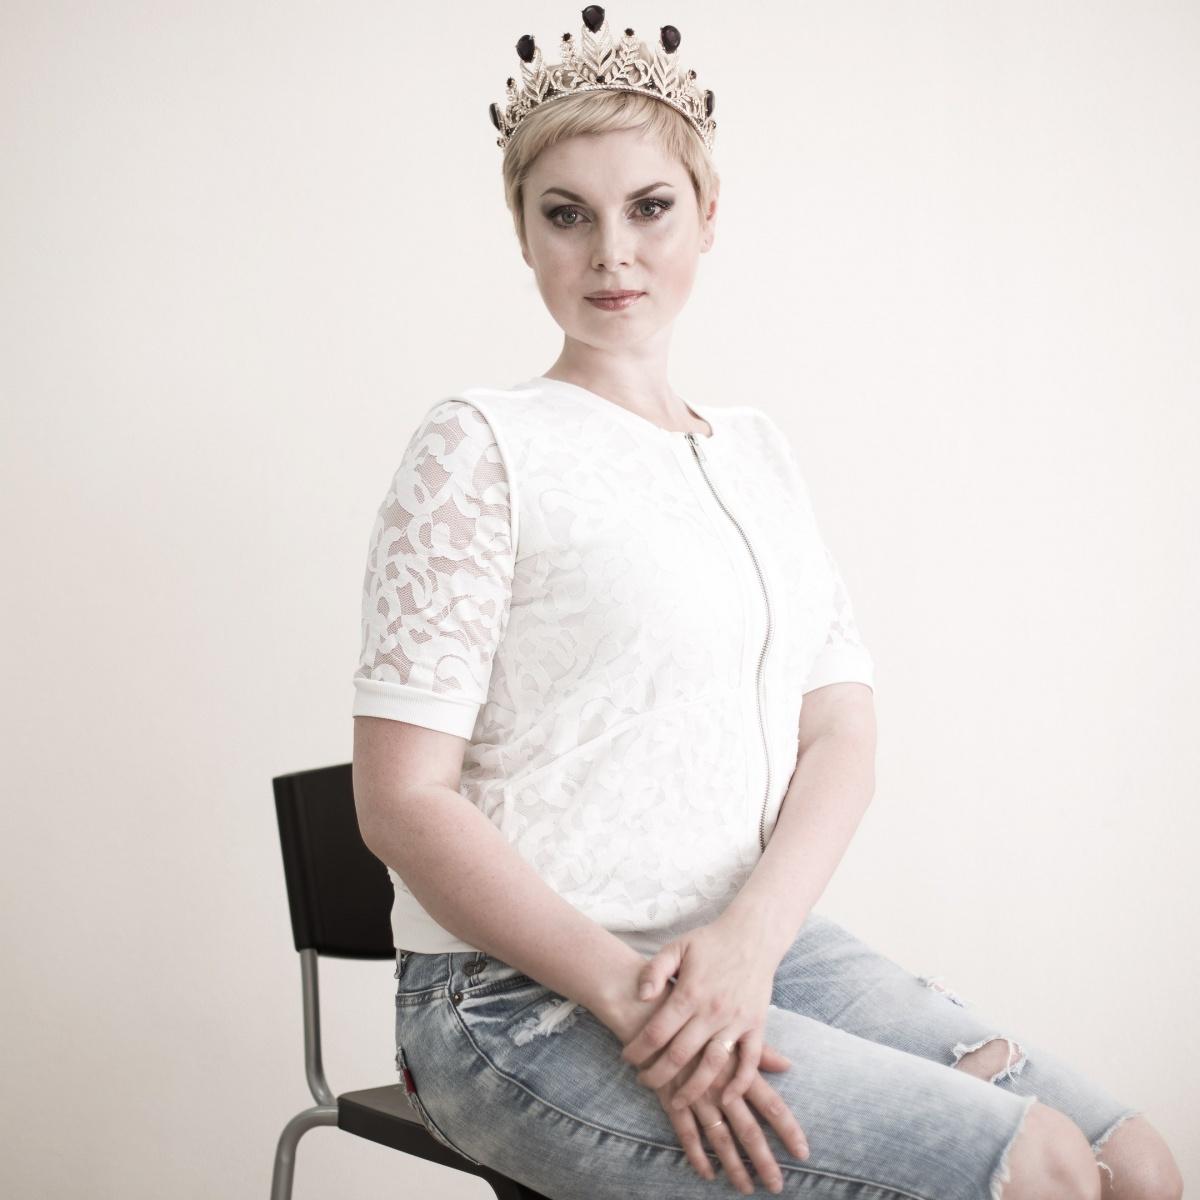 бесплатно фот красота раком